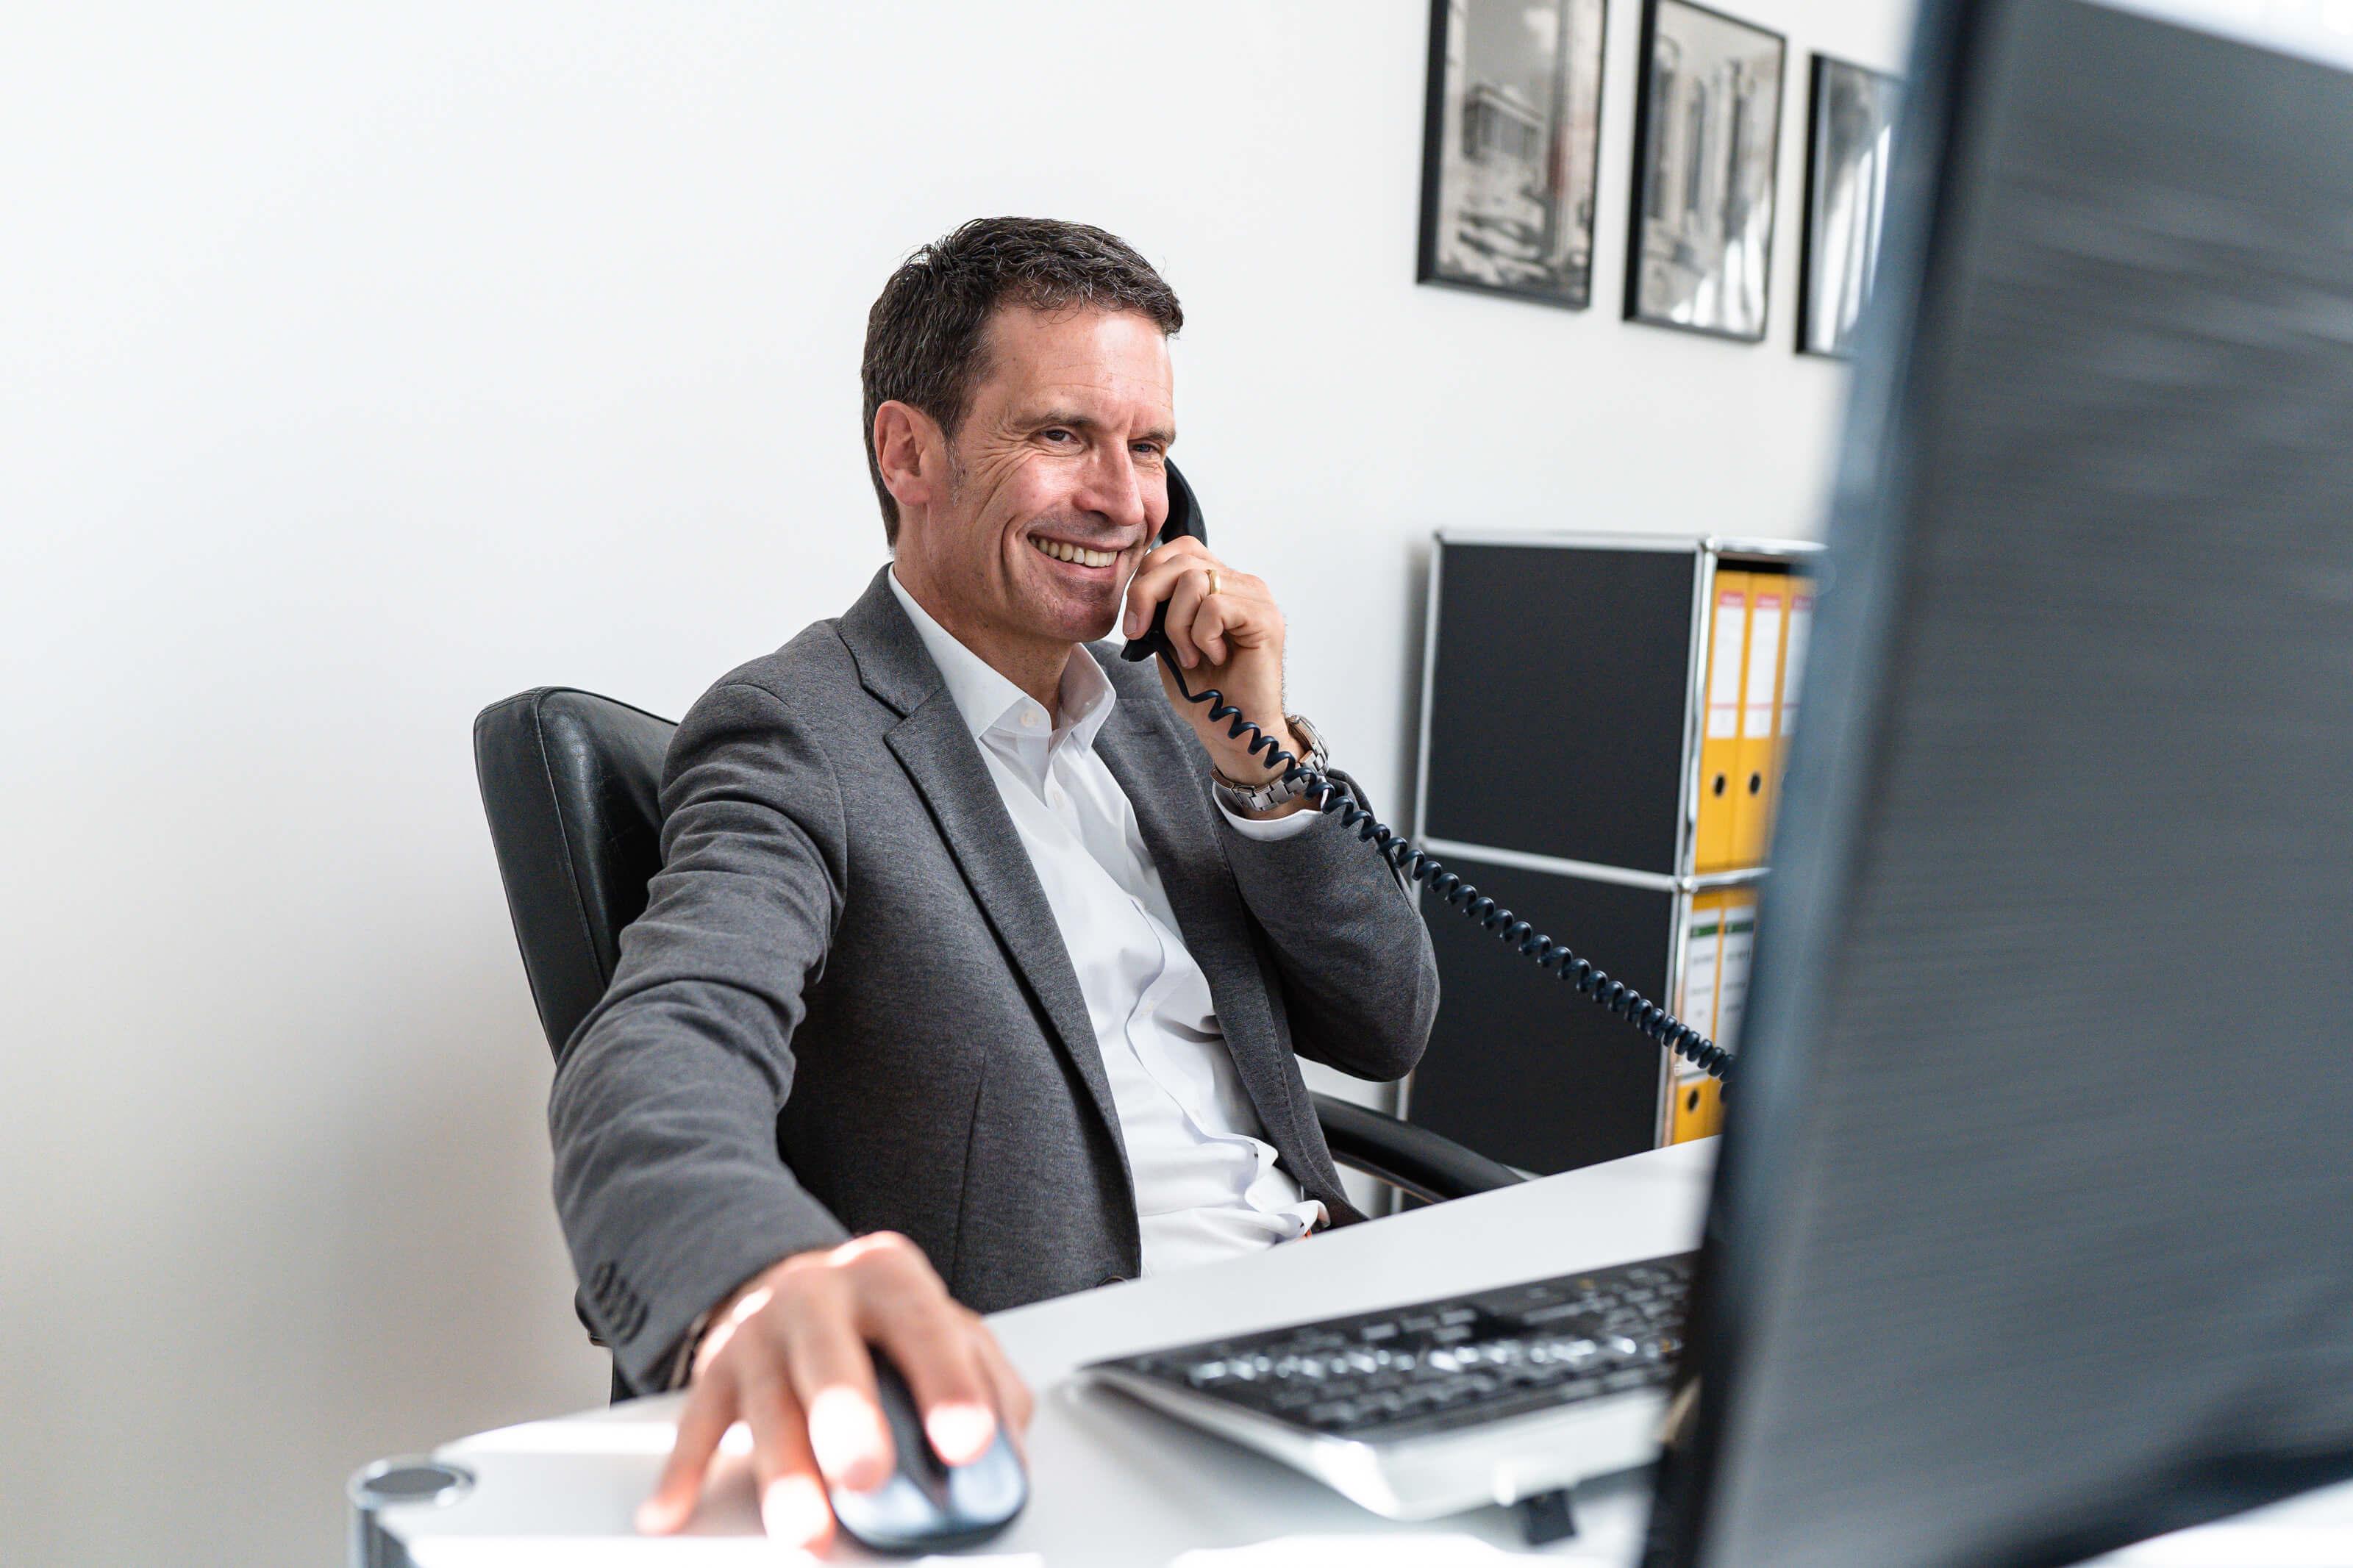 Der Geschäftsführer Michael Voltmer, Hauptverantwortlicher für die Immobilienbewertung berät telefonisch einen Kunden